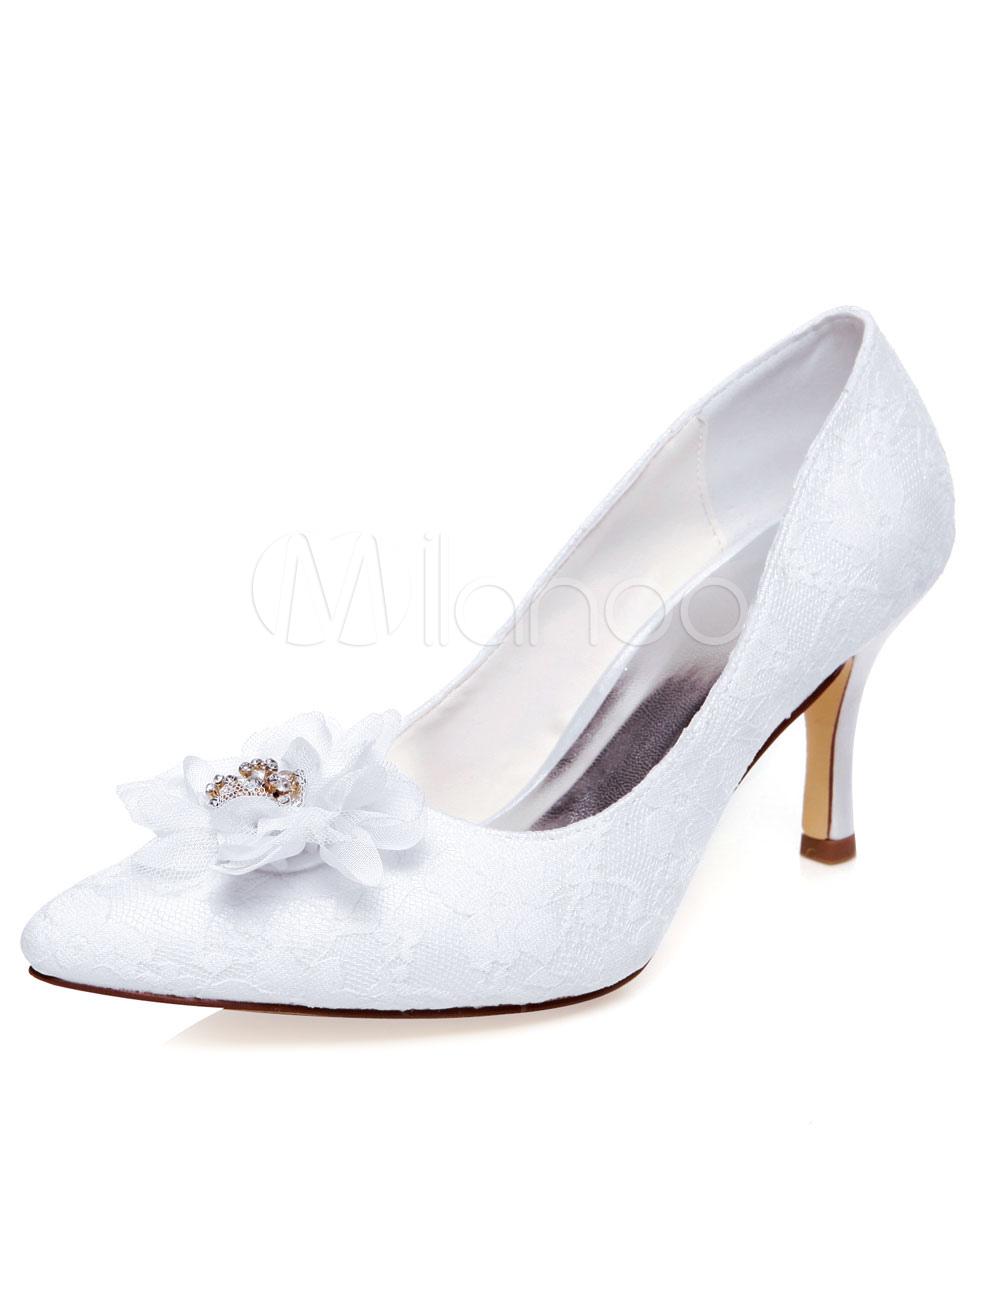 White Bridal Pumps Flowers Chic Satin Pumps